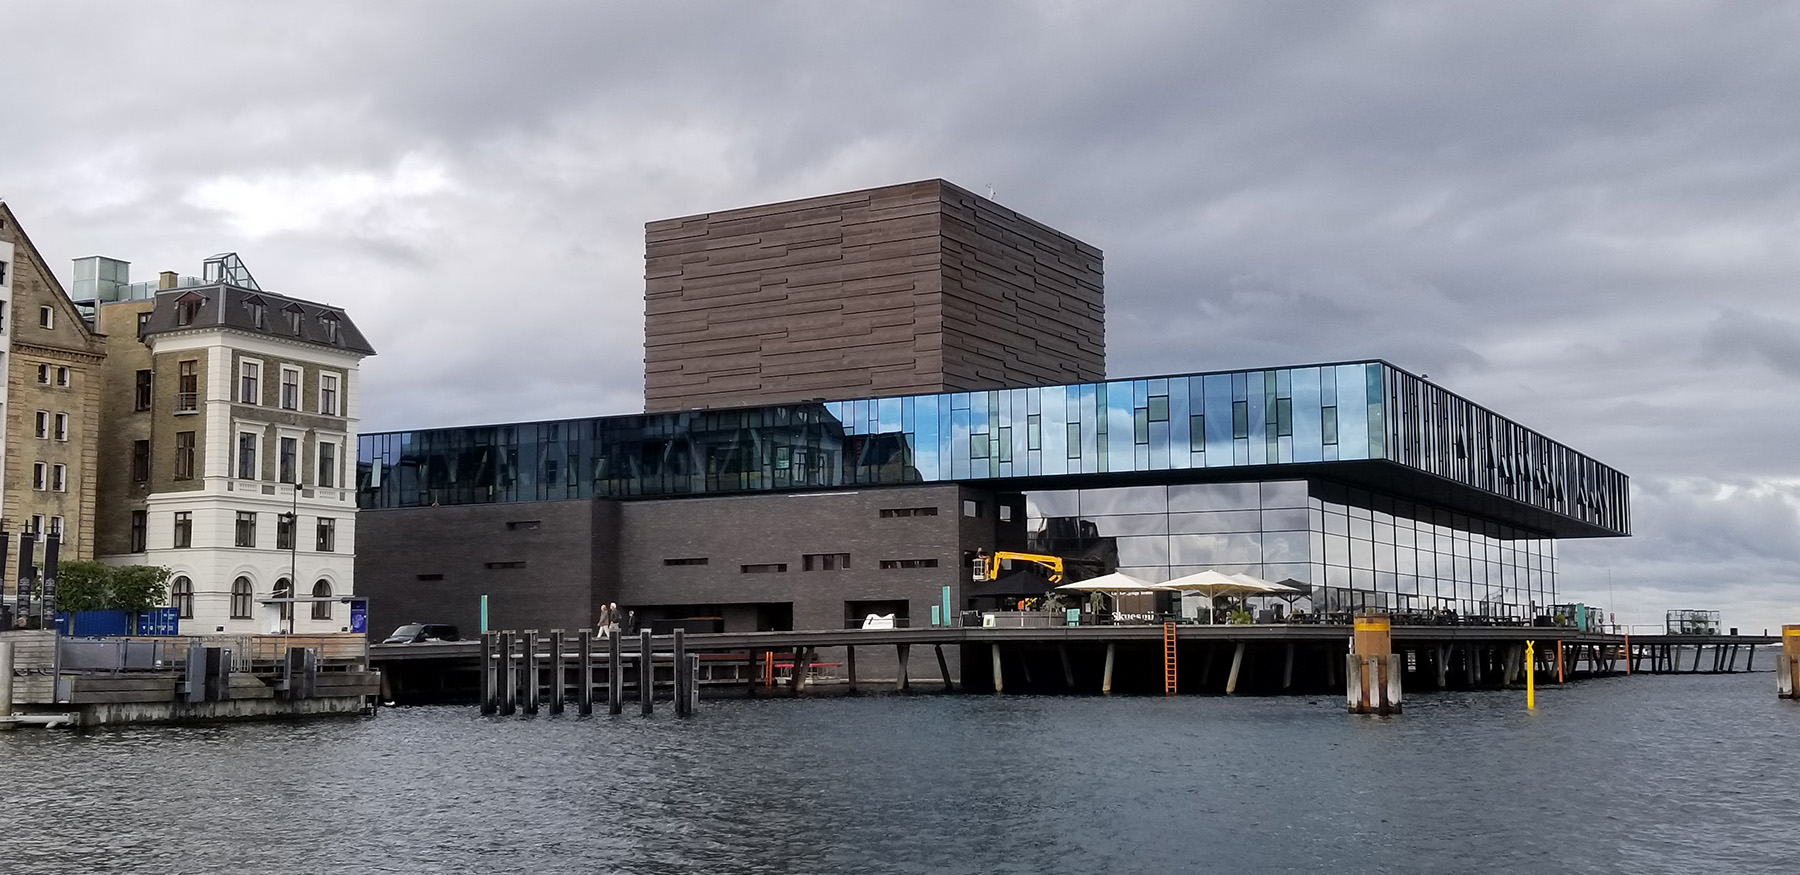 Дни архитектуры и дизайна Дании в Москве